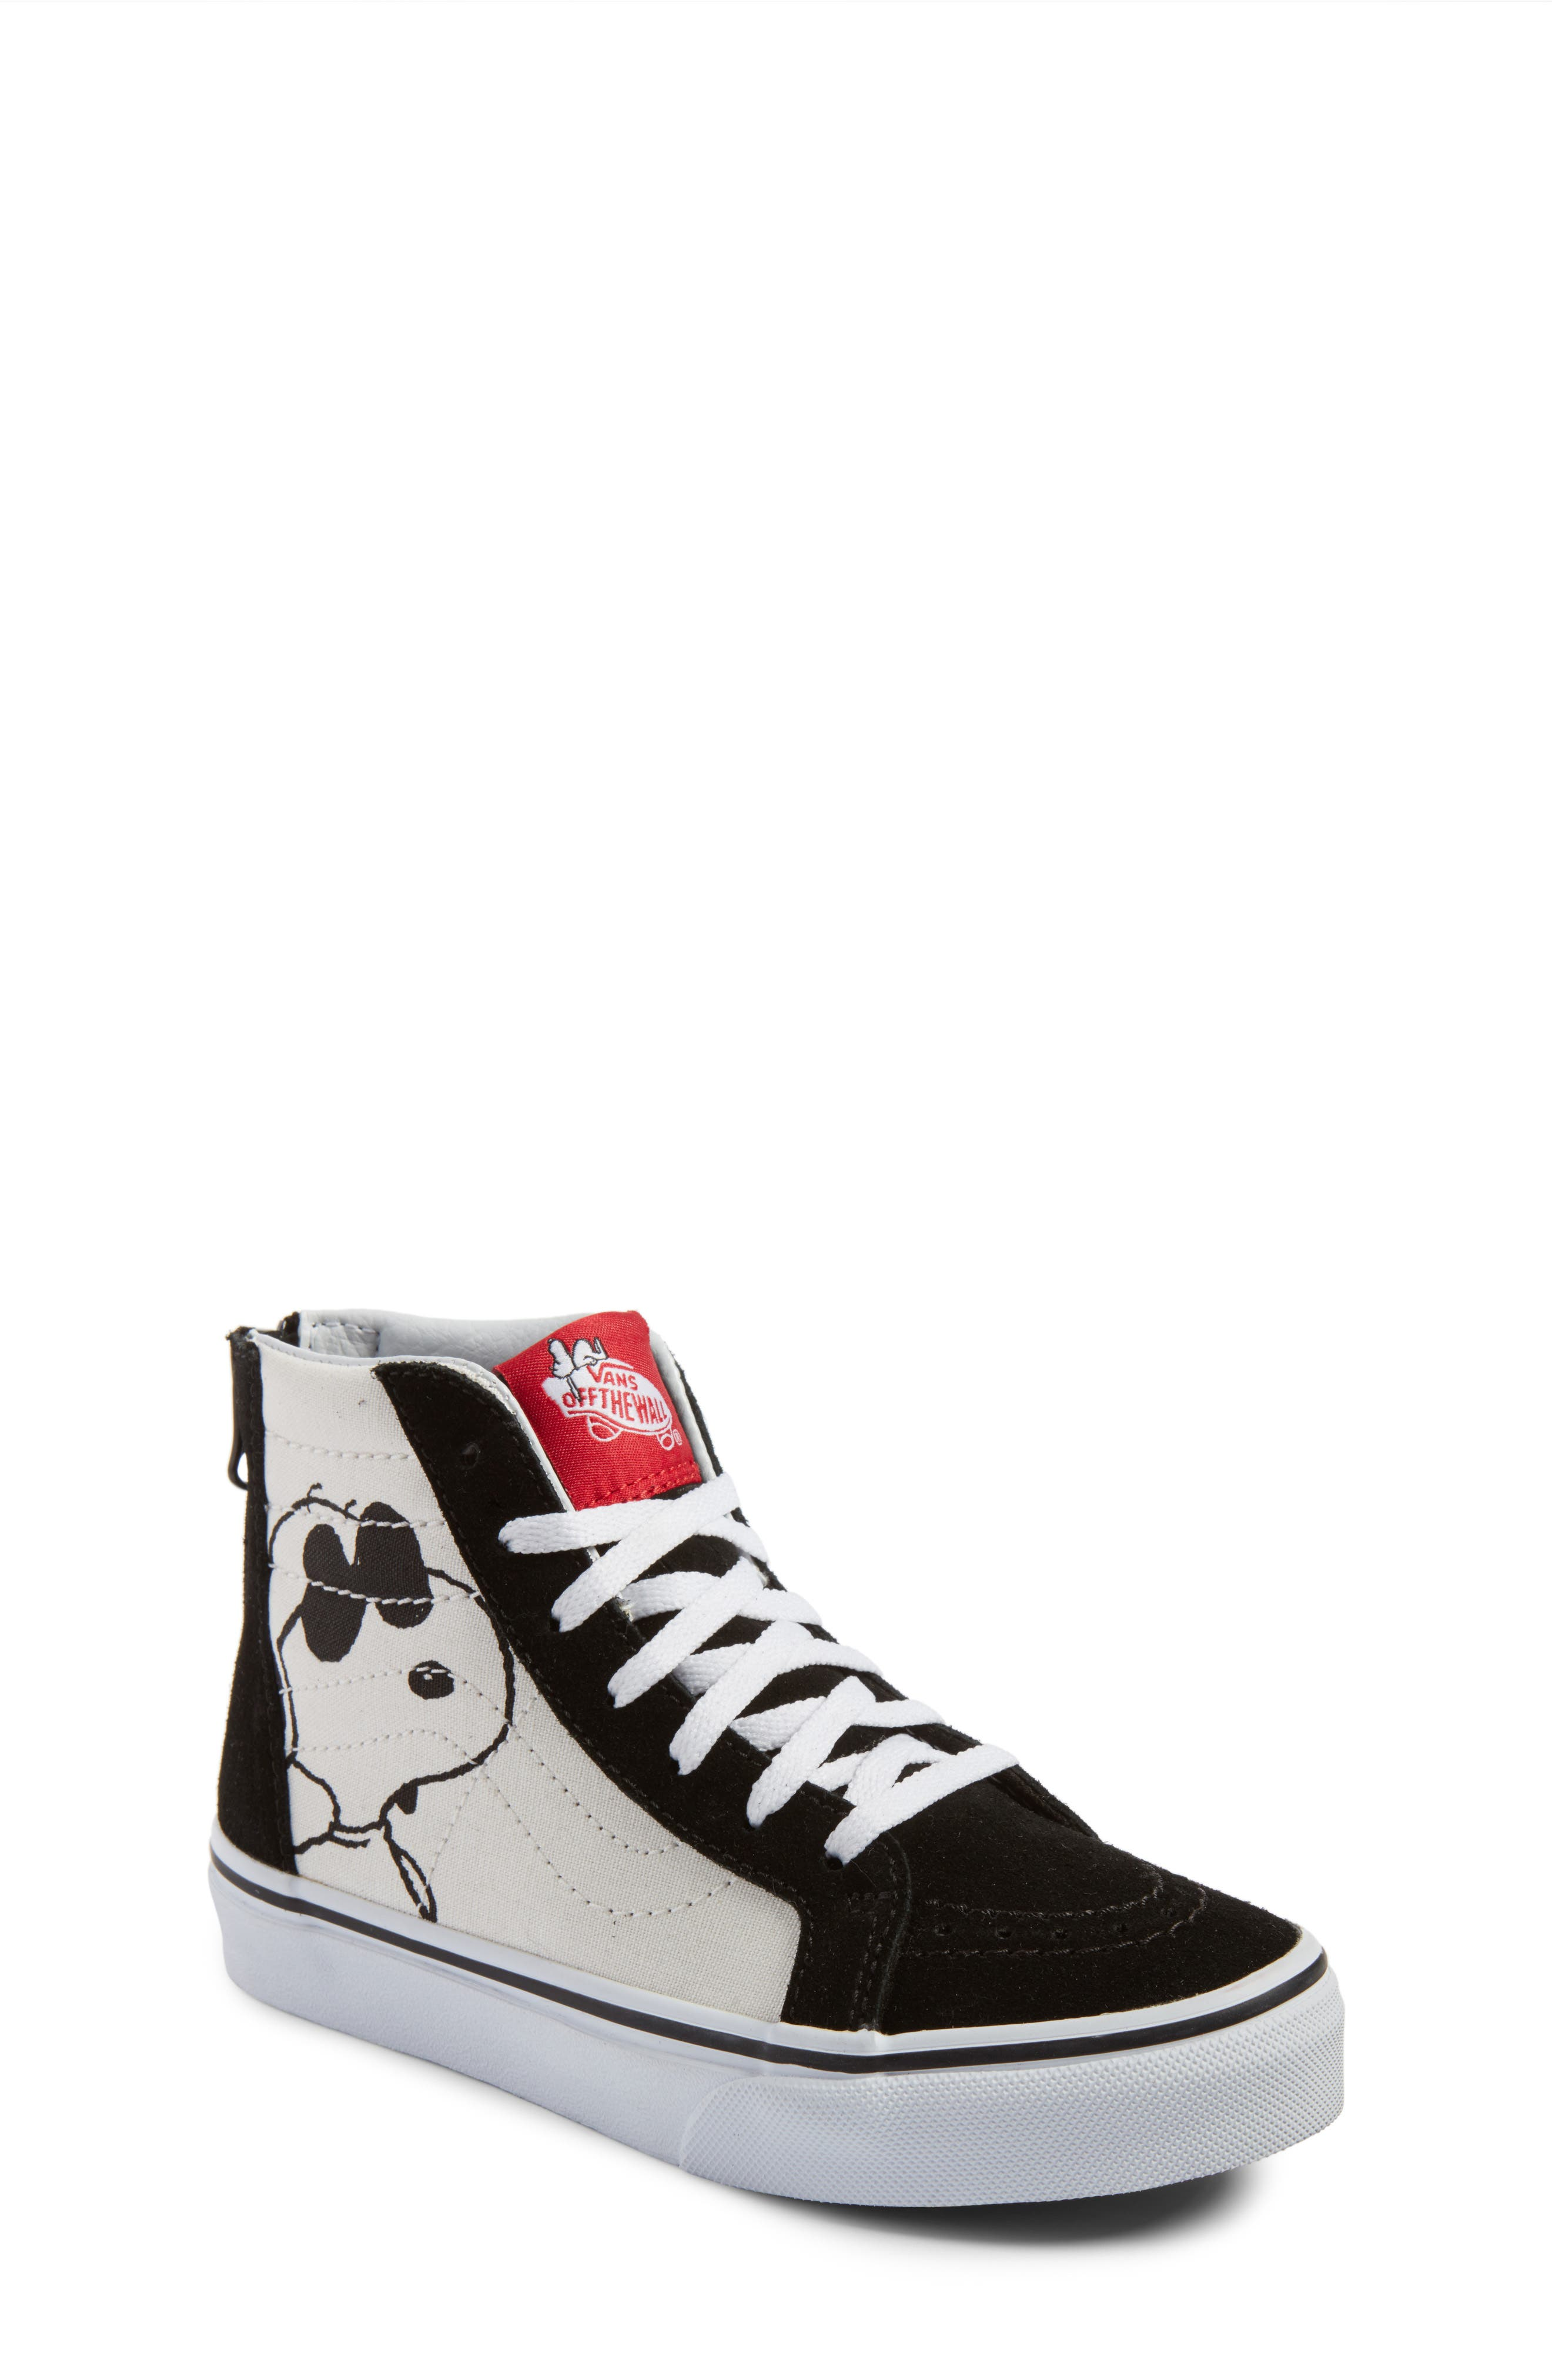 x Peanuts SK8-Hi Sneaker,                         Main,                         color, 001